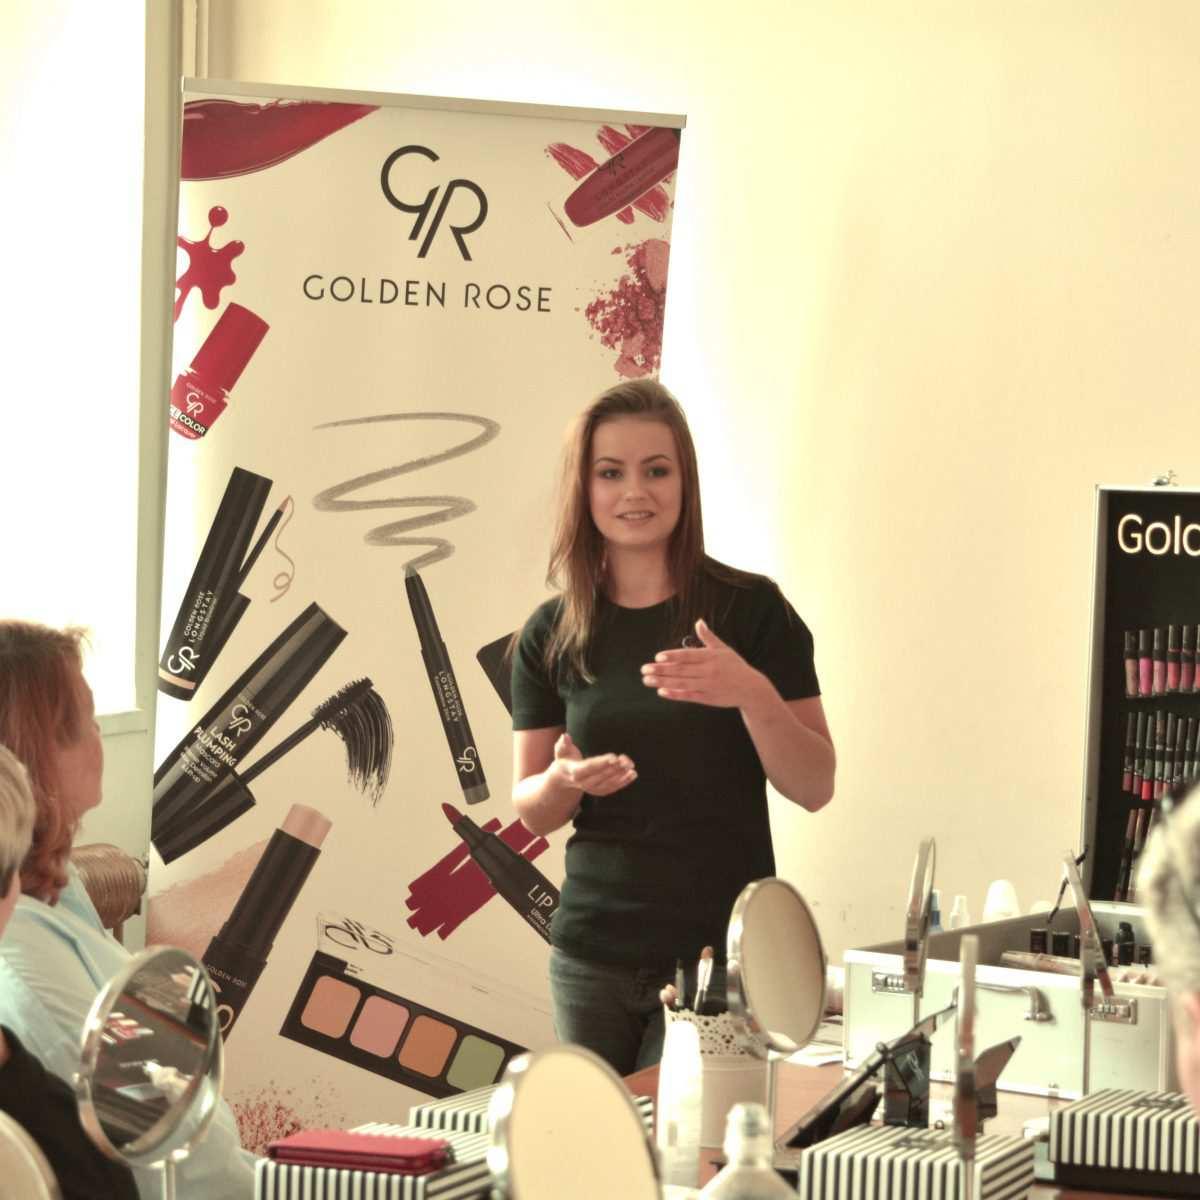 Warsztaty z makijażu – Łódzkie Centrum Praw Kobiet Golden Rose wspiera kobiety.